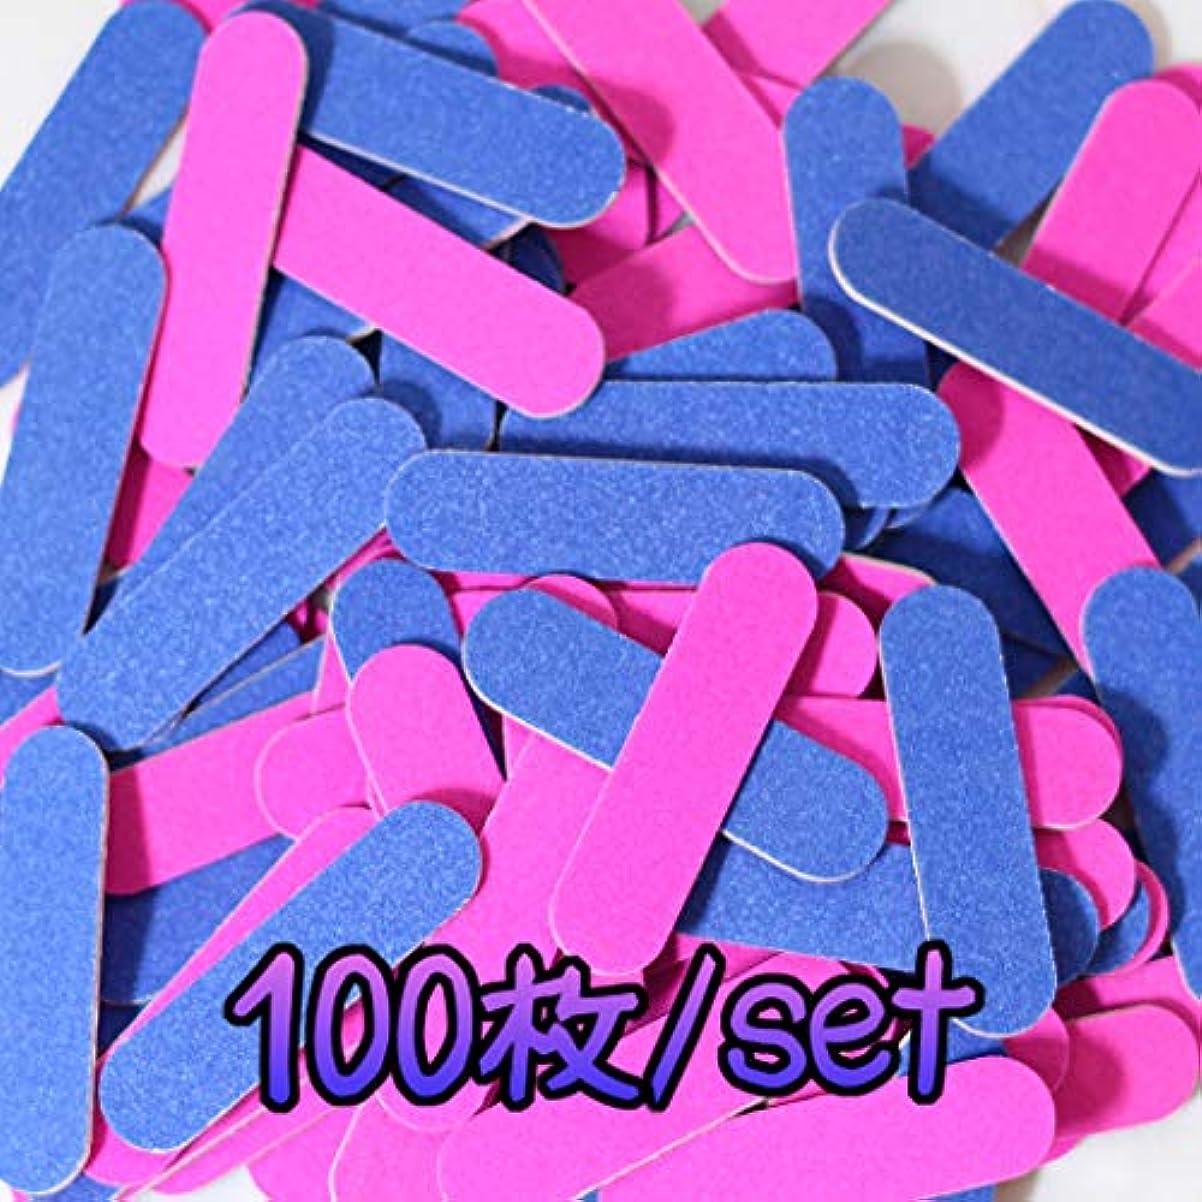 ソーダ水アリーナ地元Cali&Brita ネイルファイル 爪やすり 大容量 100枚セット エメリーボード 100/180 グリッド